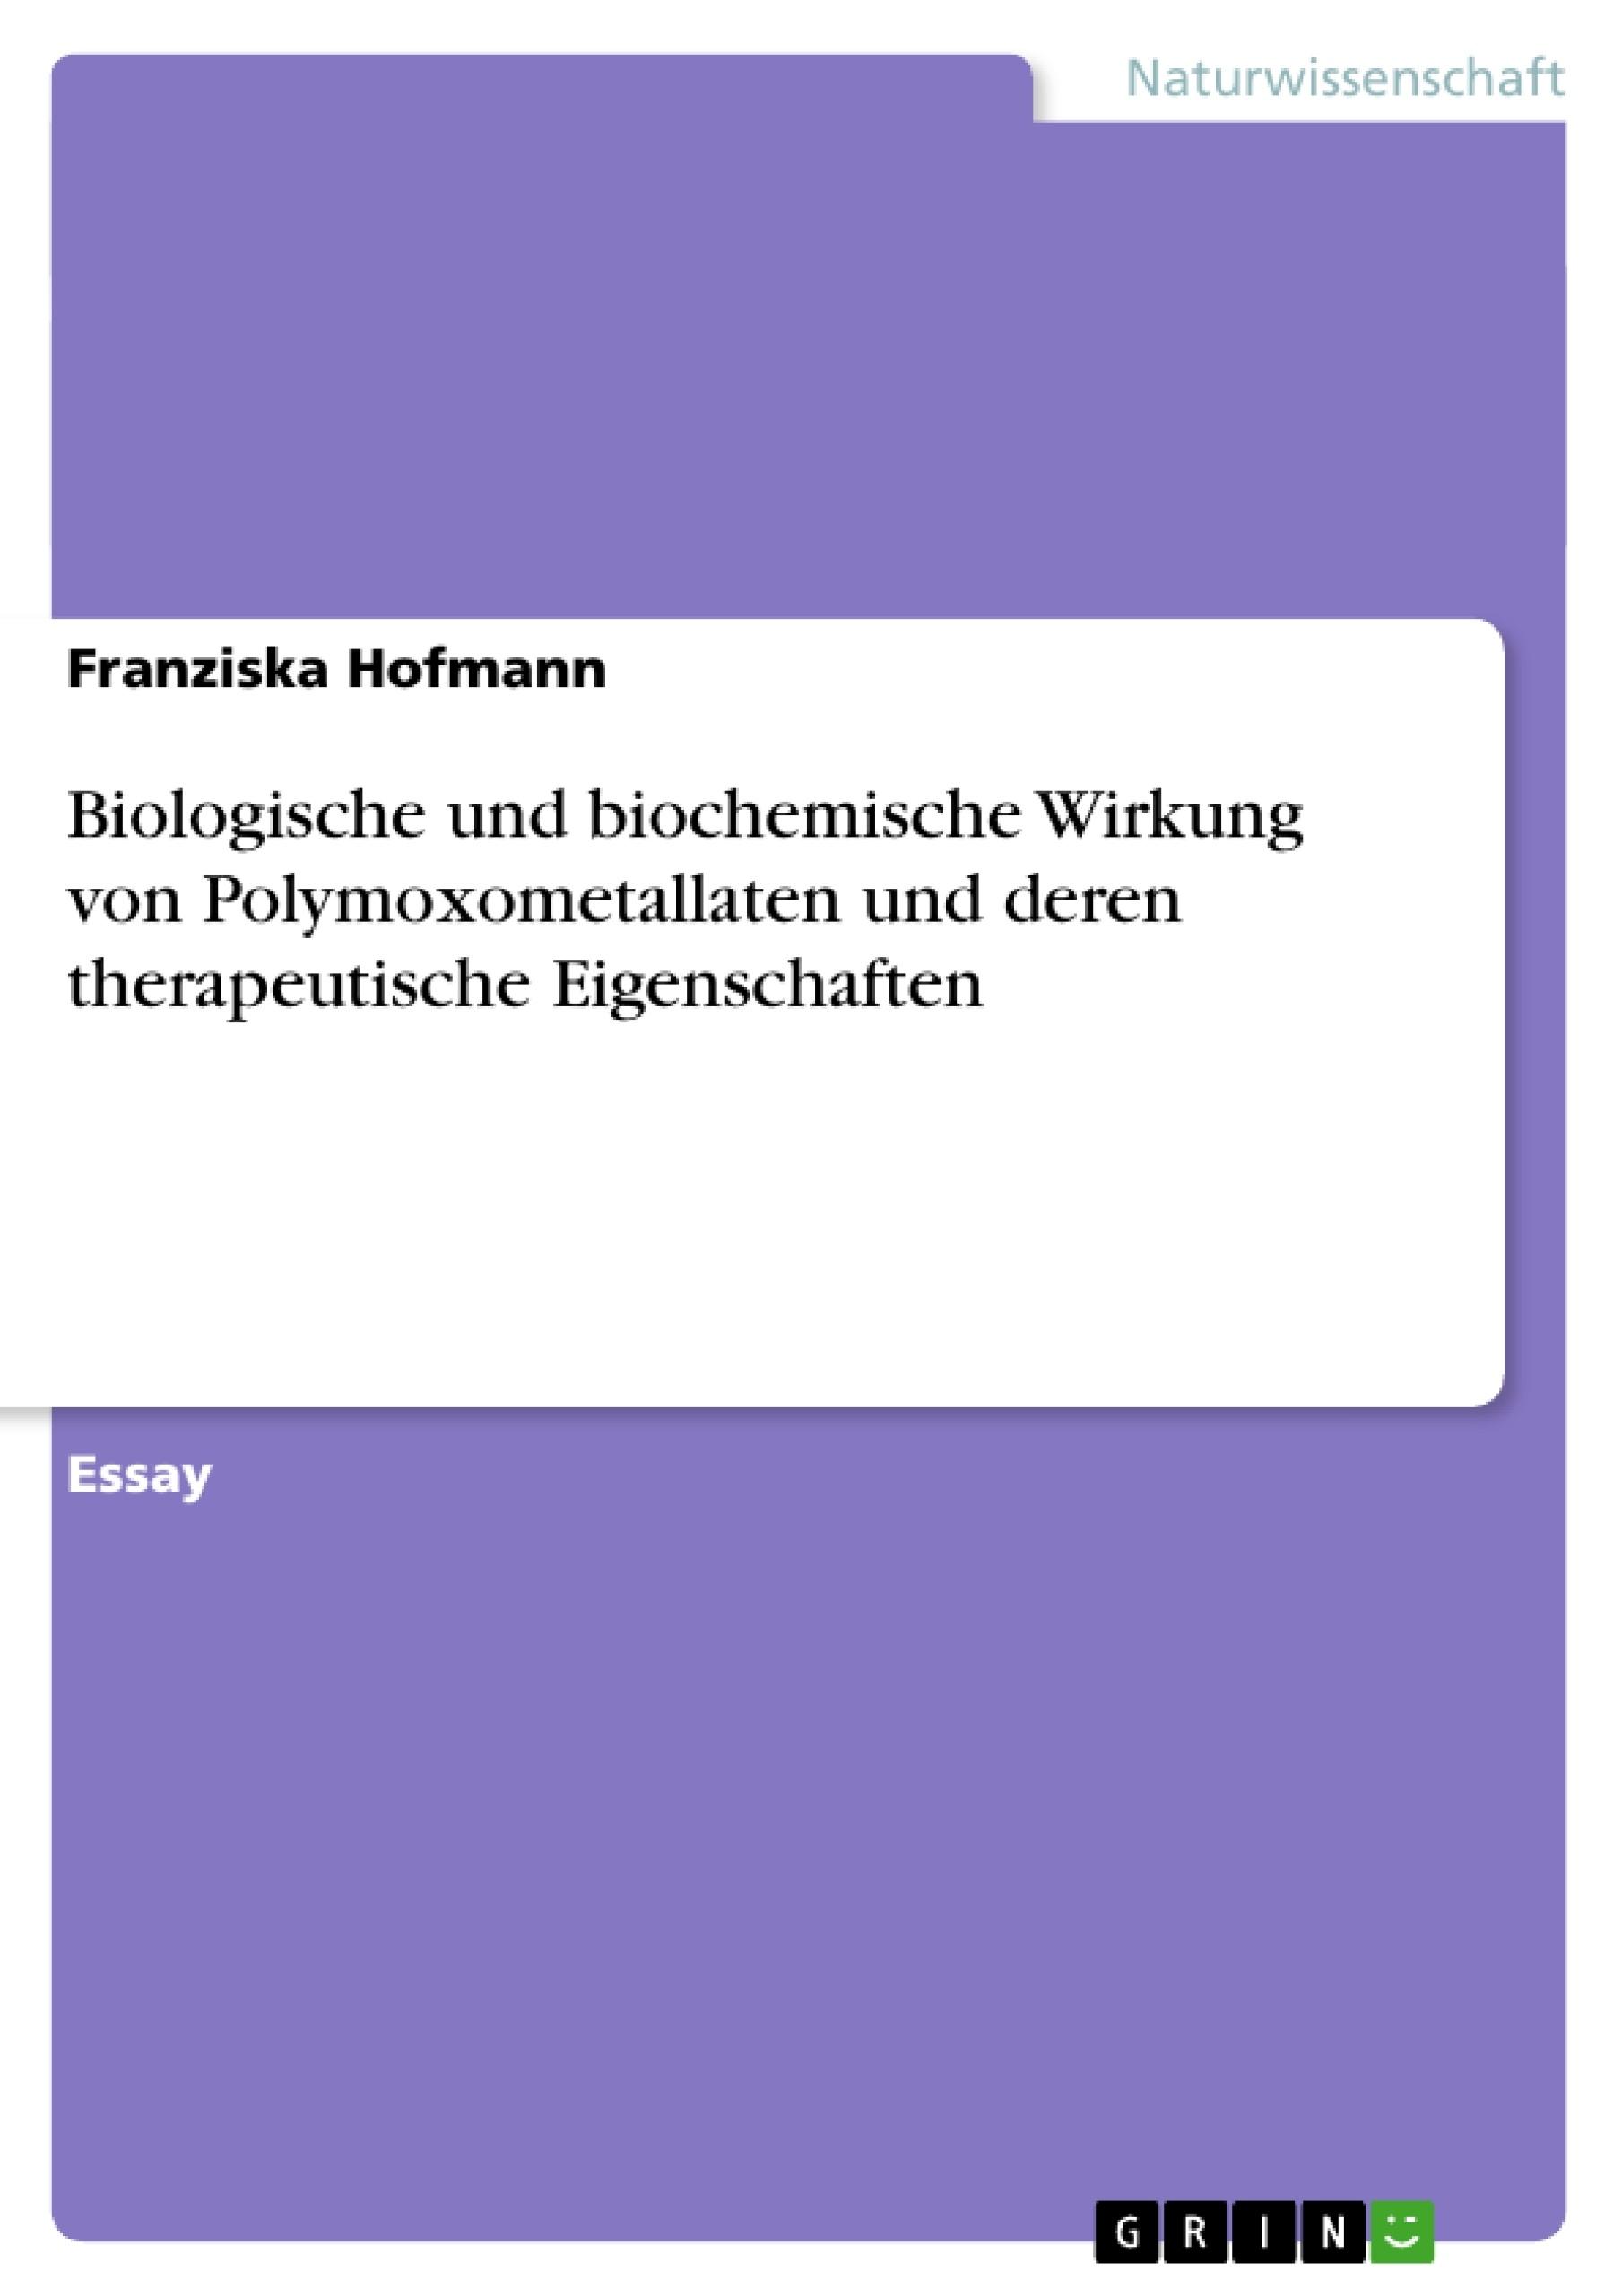 Titel: Biologische und biochemische Wirkung von Polymoxometallaten und deren therapeutische Eigenschaften